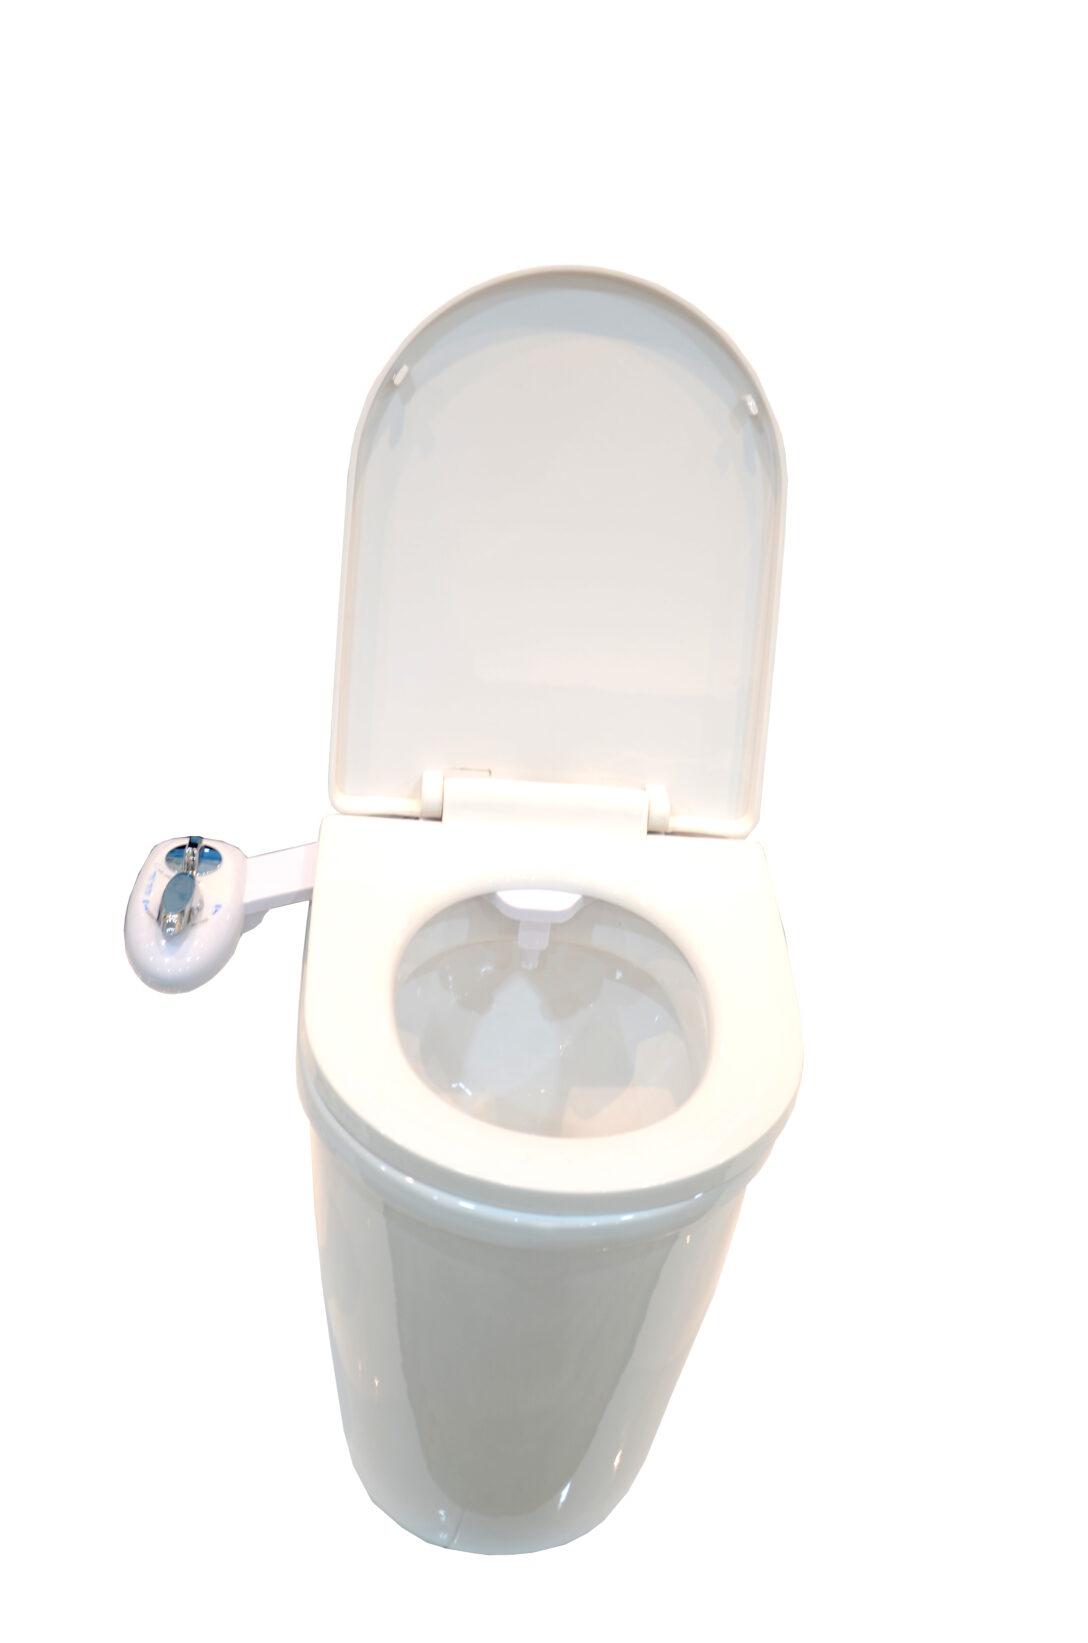 Large Size of Dusch Wc Kaufen Taharet Bisbro Deluxe Bidet Modell 2075 Dusche 80x80 Bodengleiche Einbauen Grohe Thermostat Ebenerdig Moderne Duschen Badewanne Mit Tür Und Dusche Dusch Wc Aufsatz